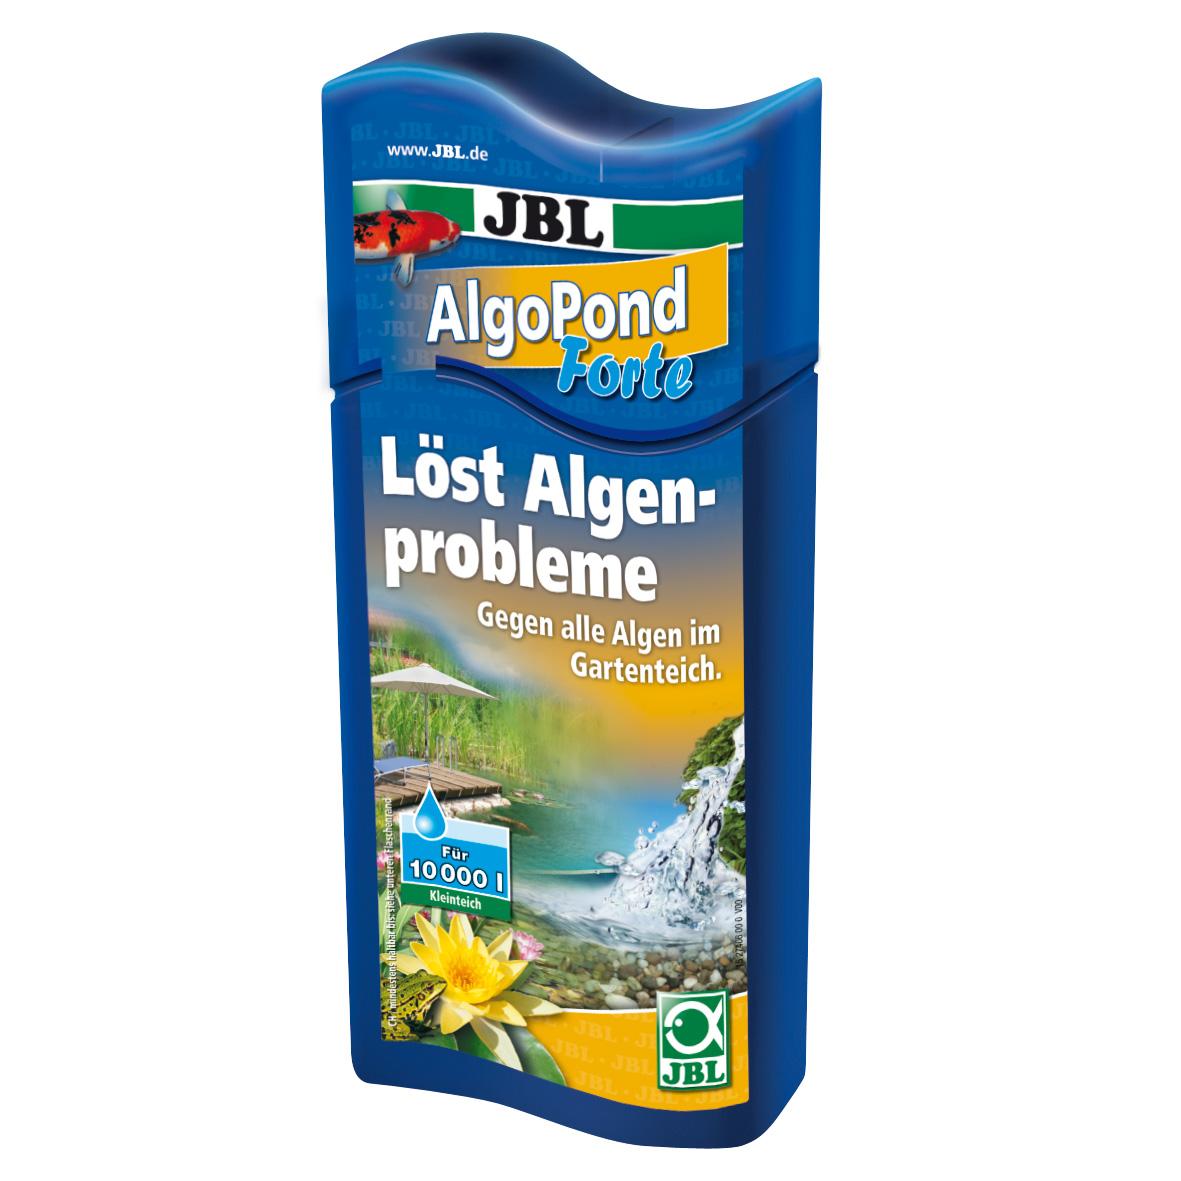 JBL AlgoPond Forte Wasseraufbereiter löst Algenprobleme für Gartenteiche 500 ml